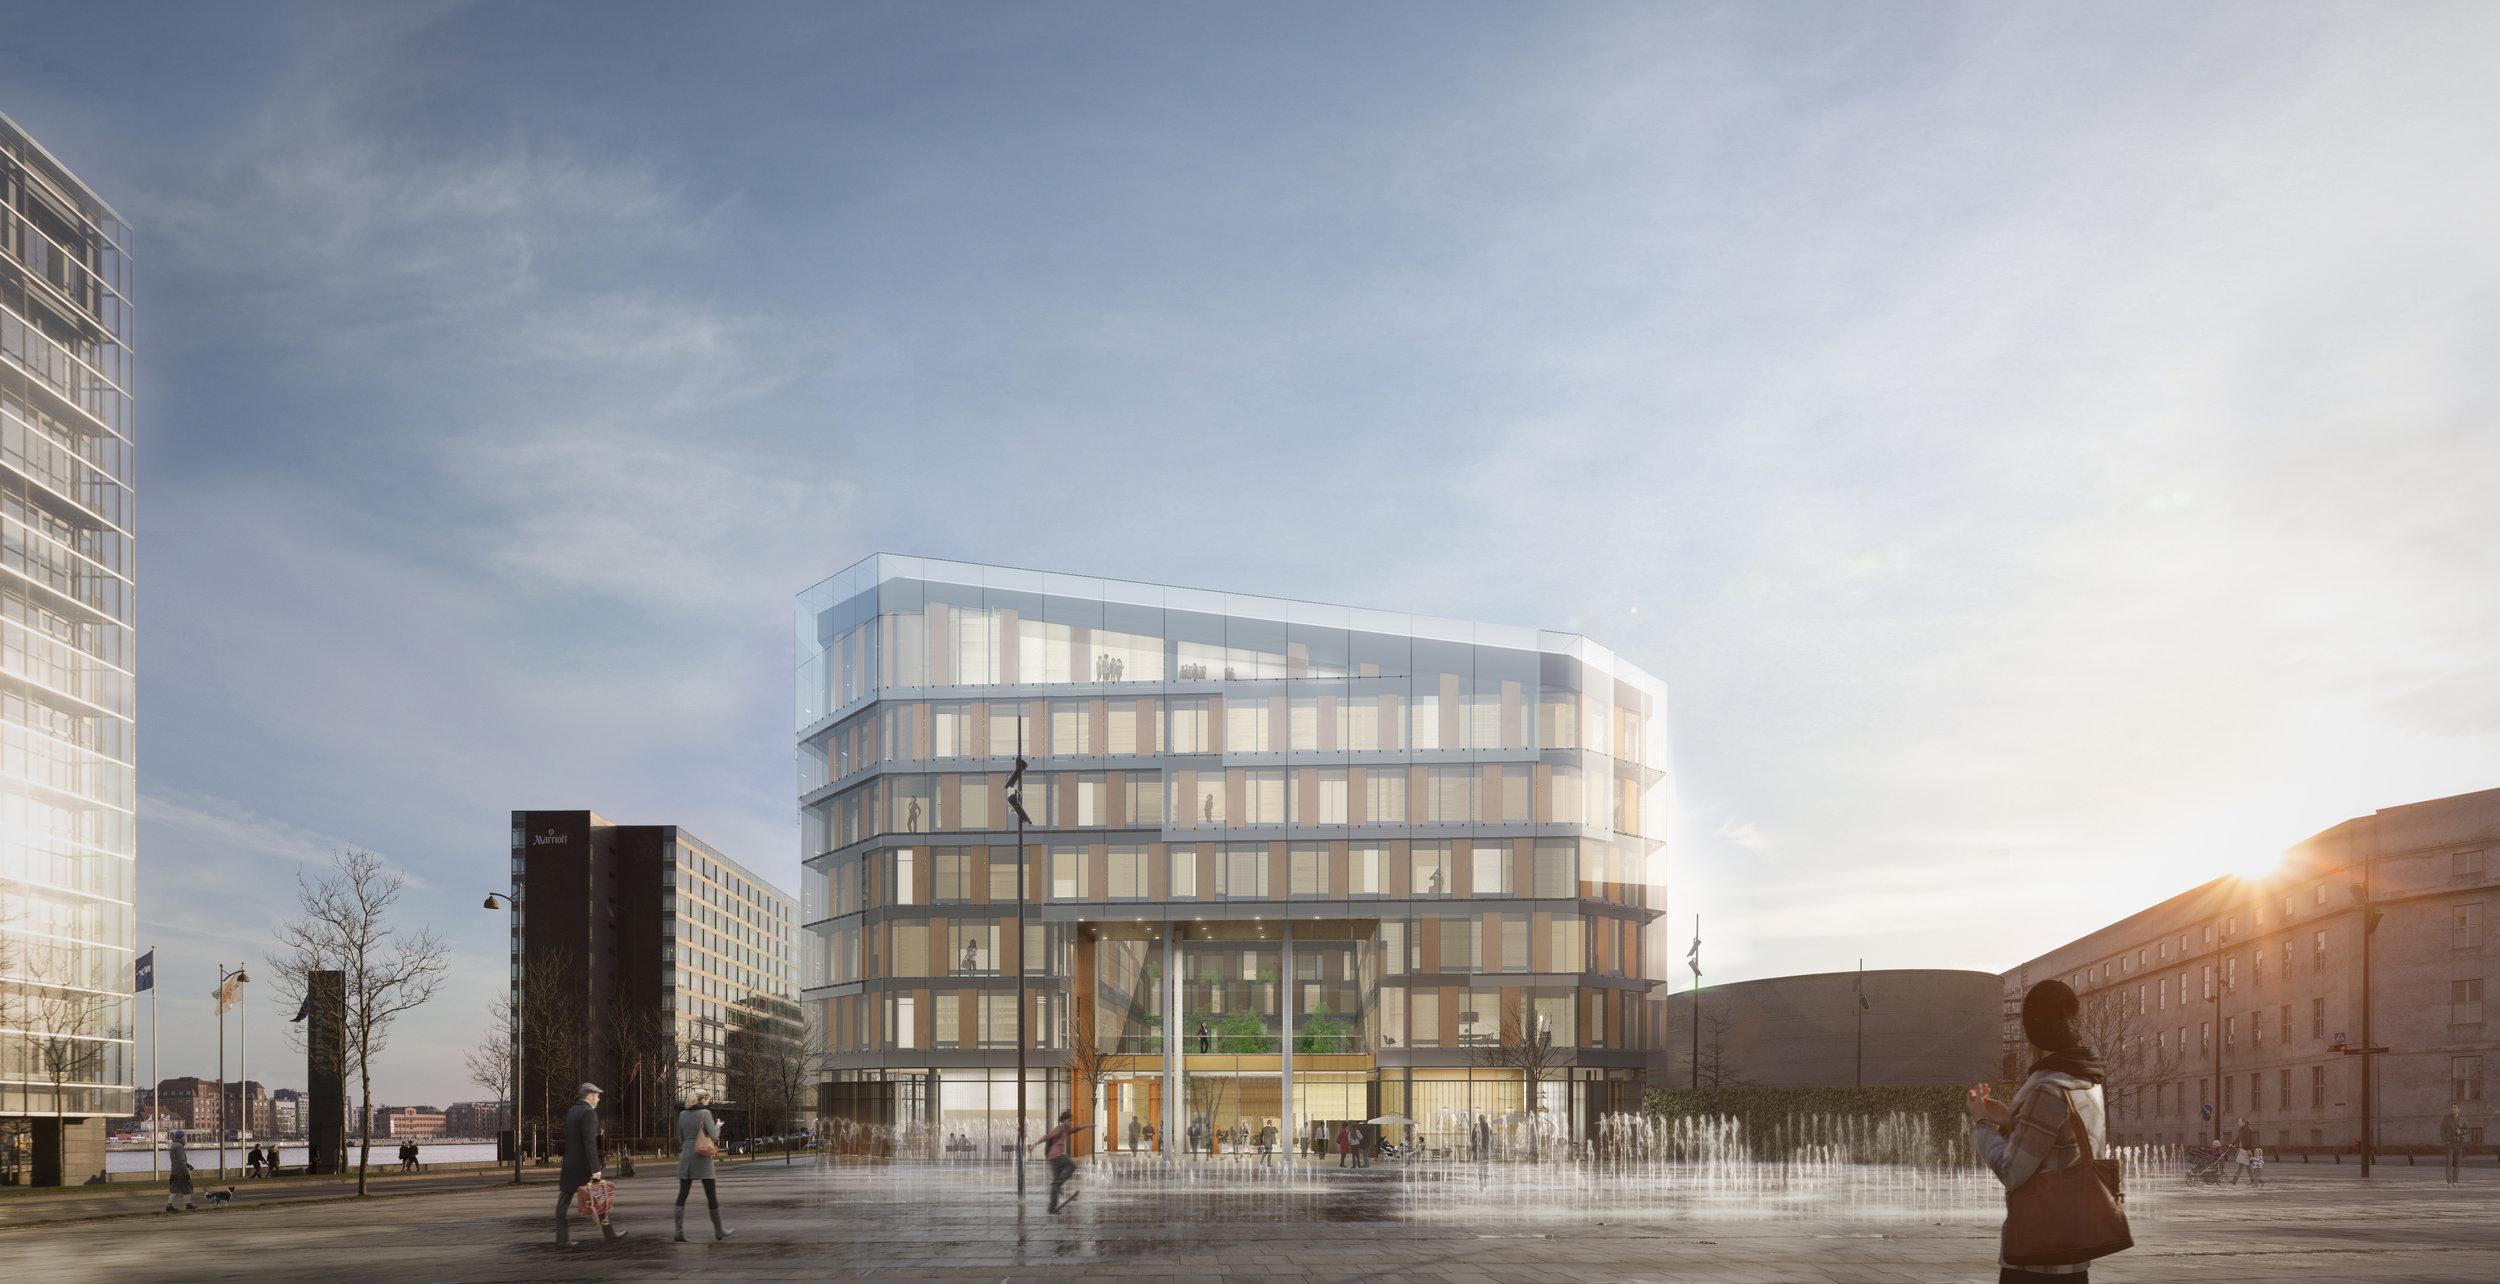 Det nye Hotel Spectrum får en åben stueetage med caféer, restauranter og barer, der åbner sig mod byen og kan bidrage til at skabe ny puls i kvarteret ved Kalvebod Brygge.